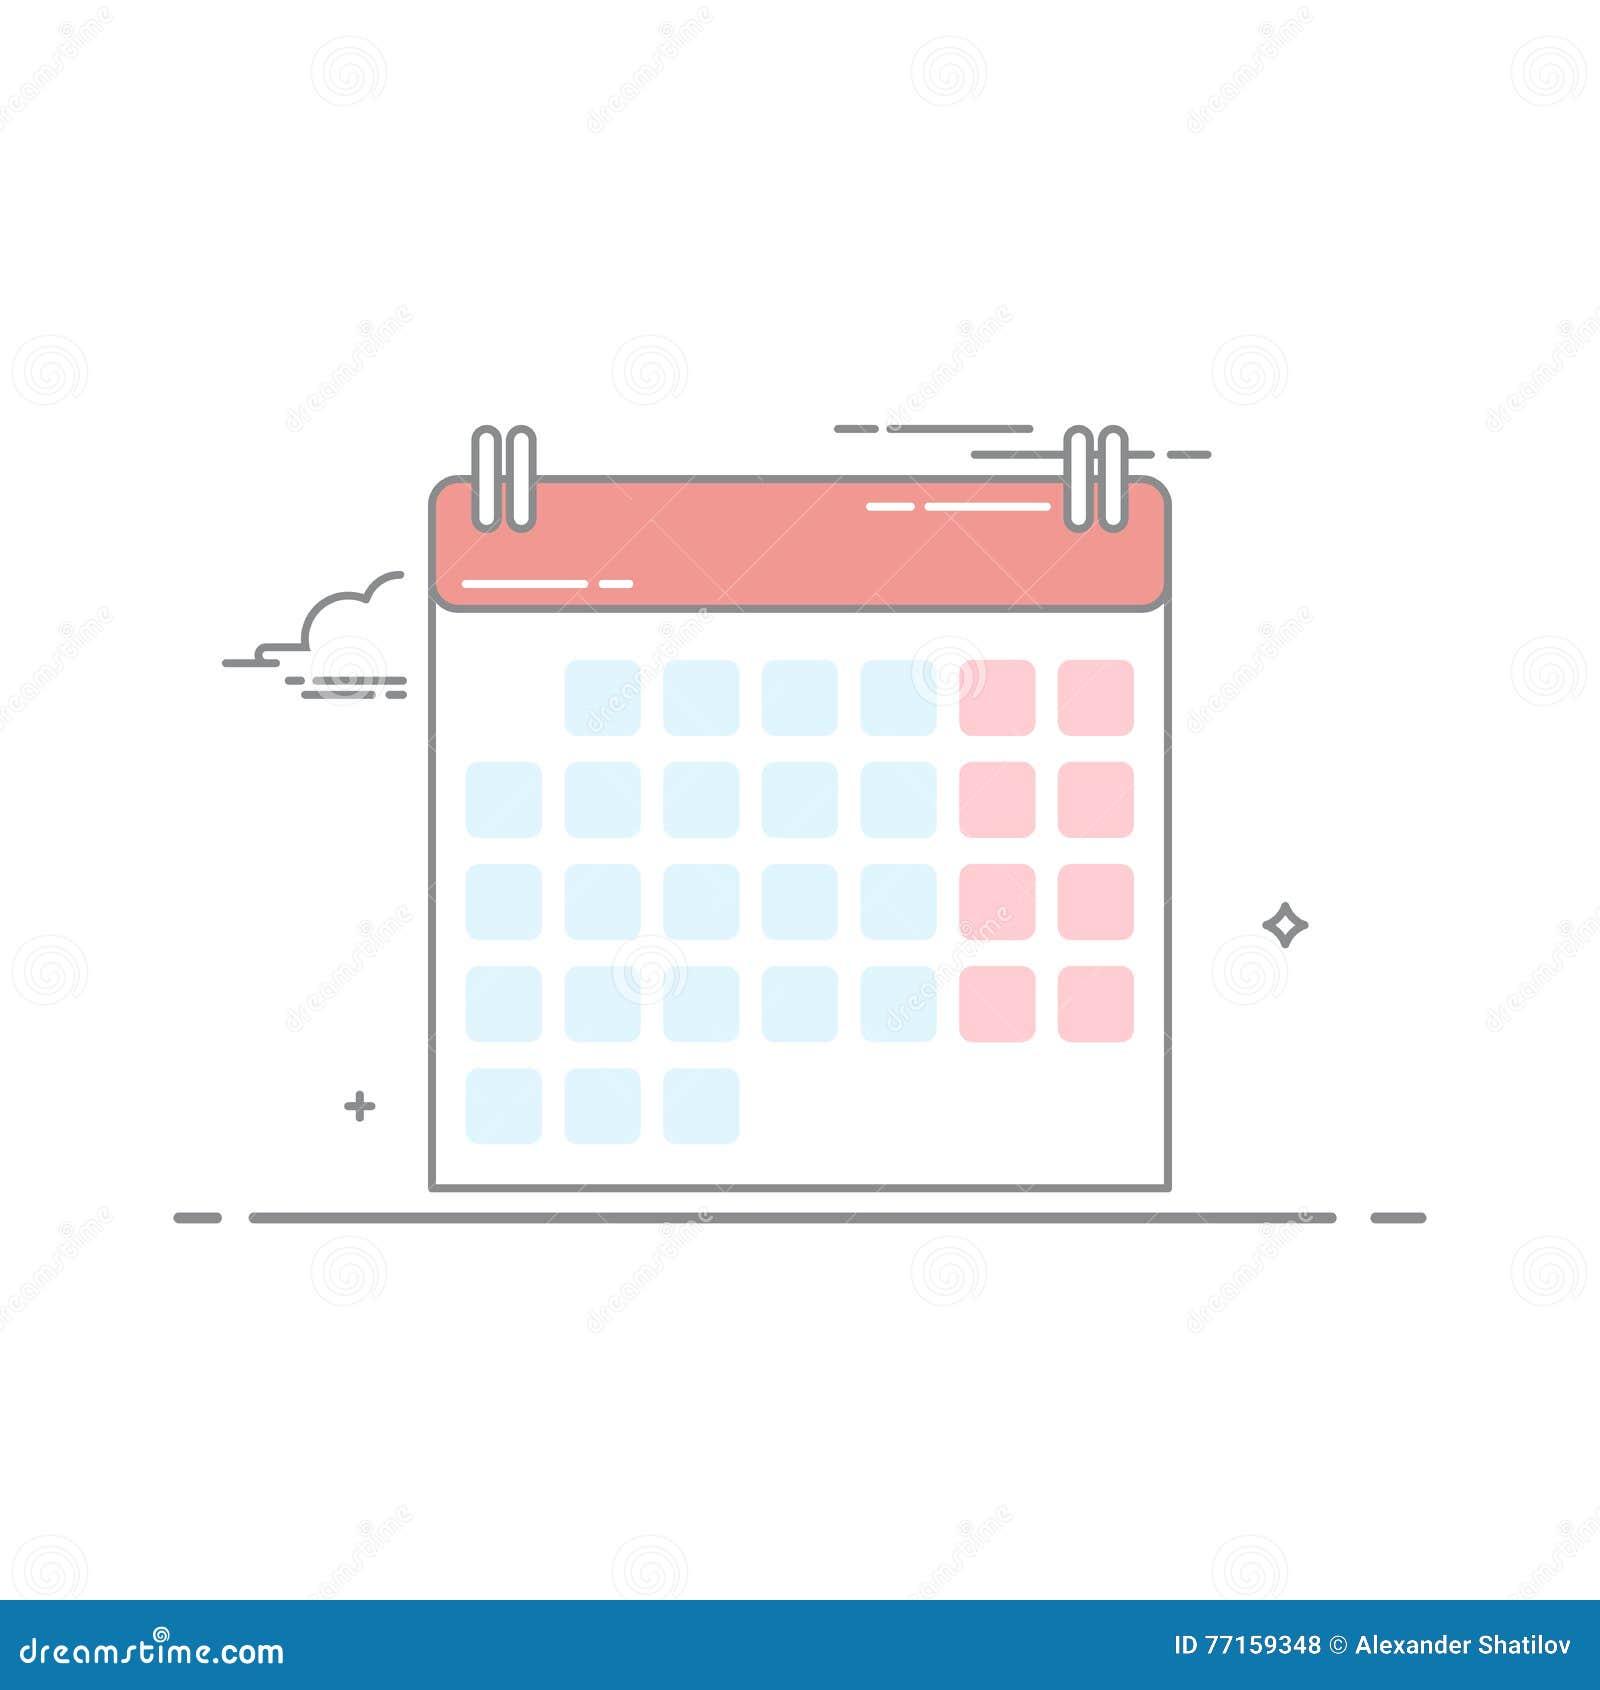 Le concept du mur-calendrier fait dans un style linéaire avec une course foncée Les jours quotidiens de la semaine et du mois